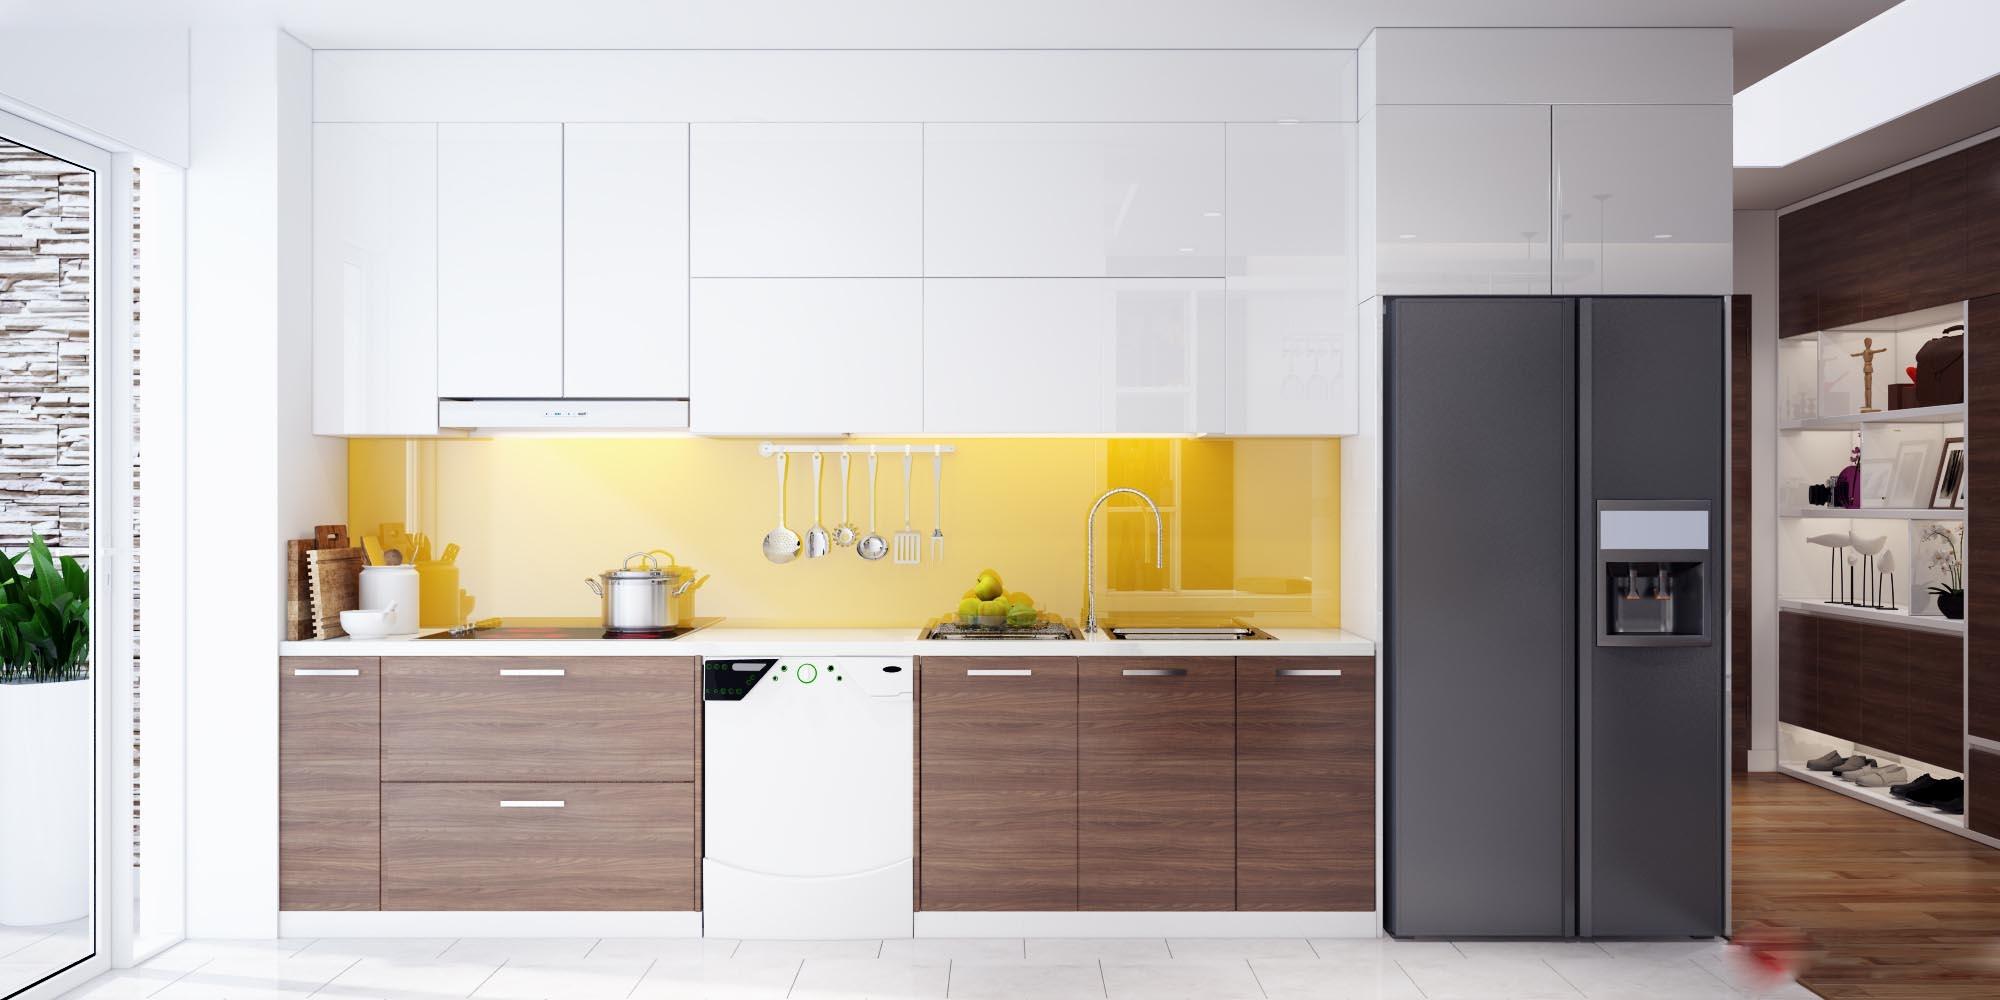 Mẫu tủ bếp acrylic màu vàng cam